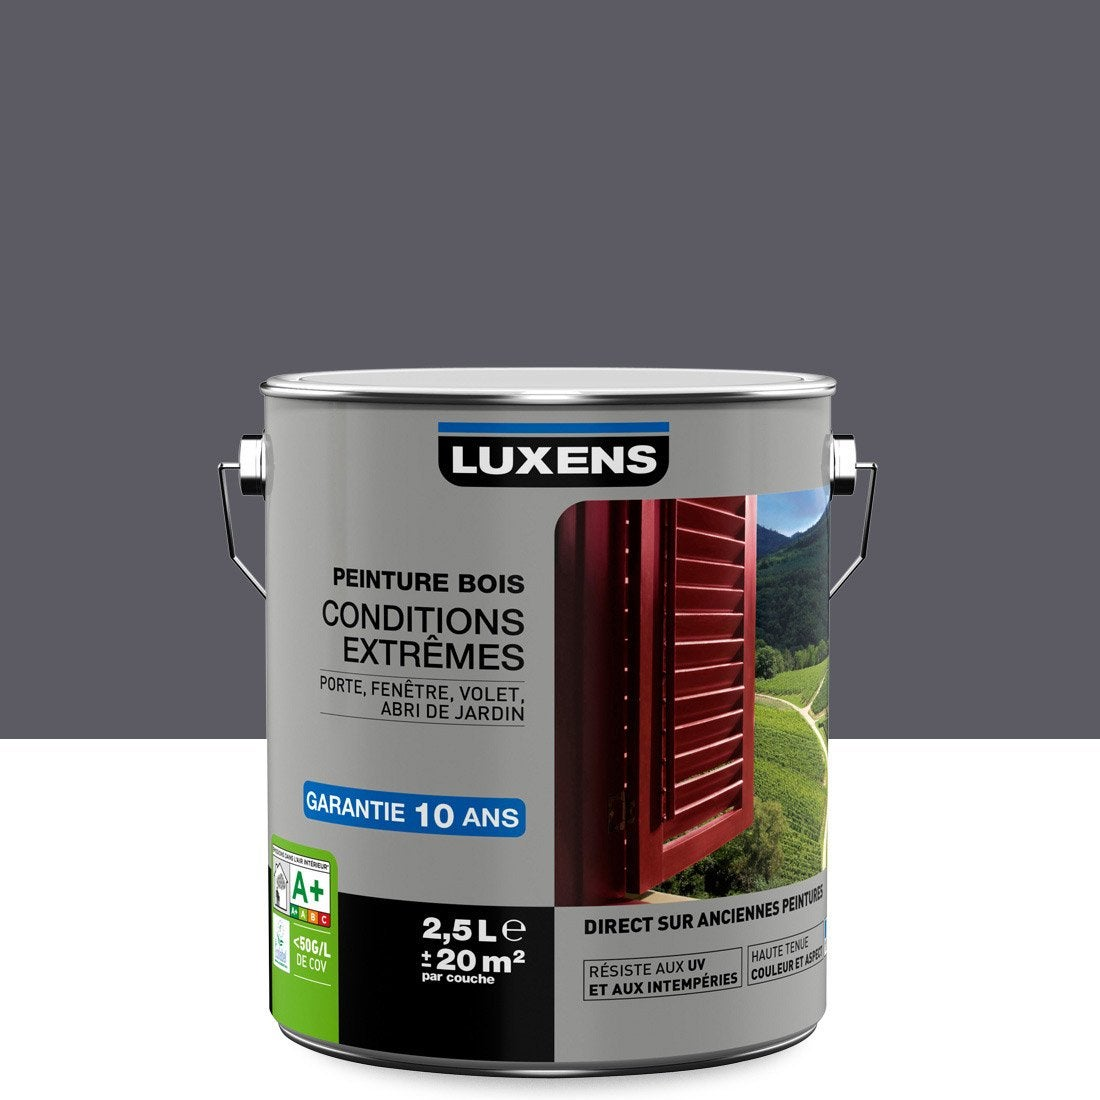 Peinture Bois Extérieur Conditions Extrêmes LUXENS, Gris Galet N°1, 2.5 L  ...